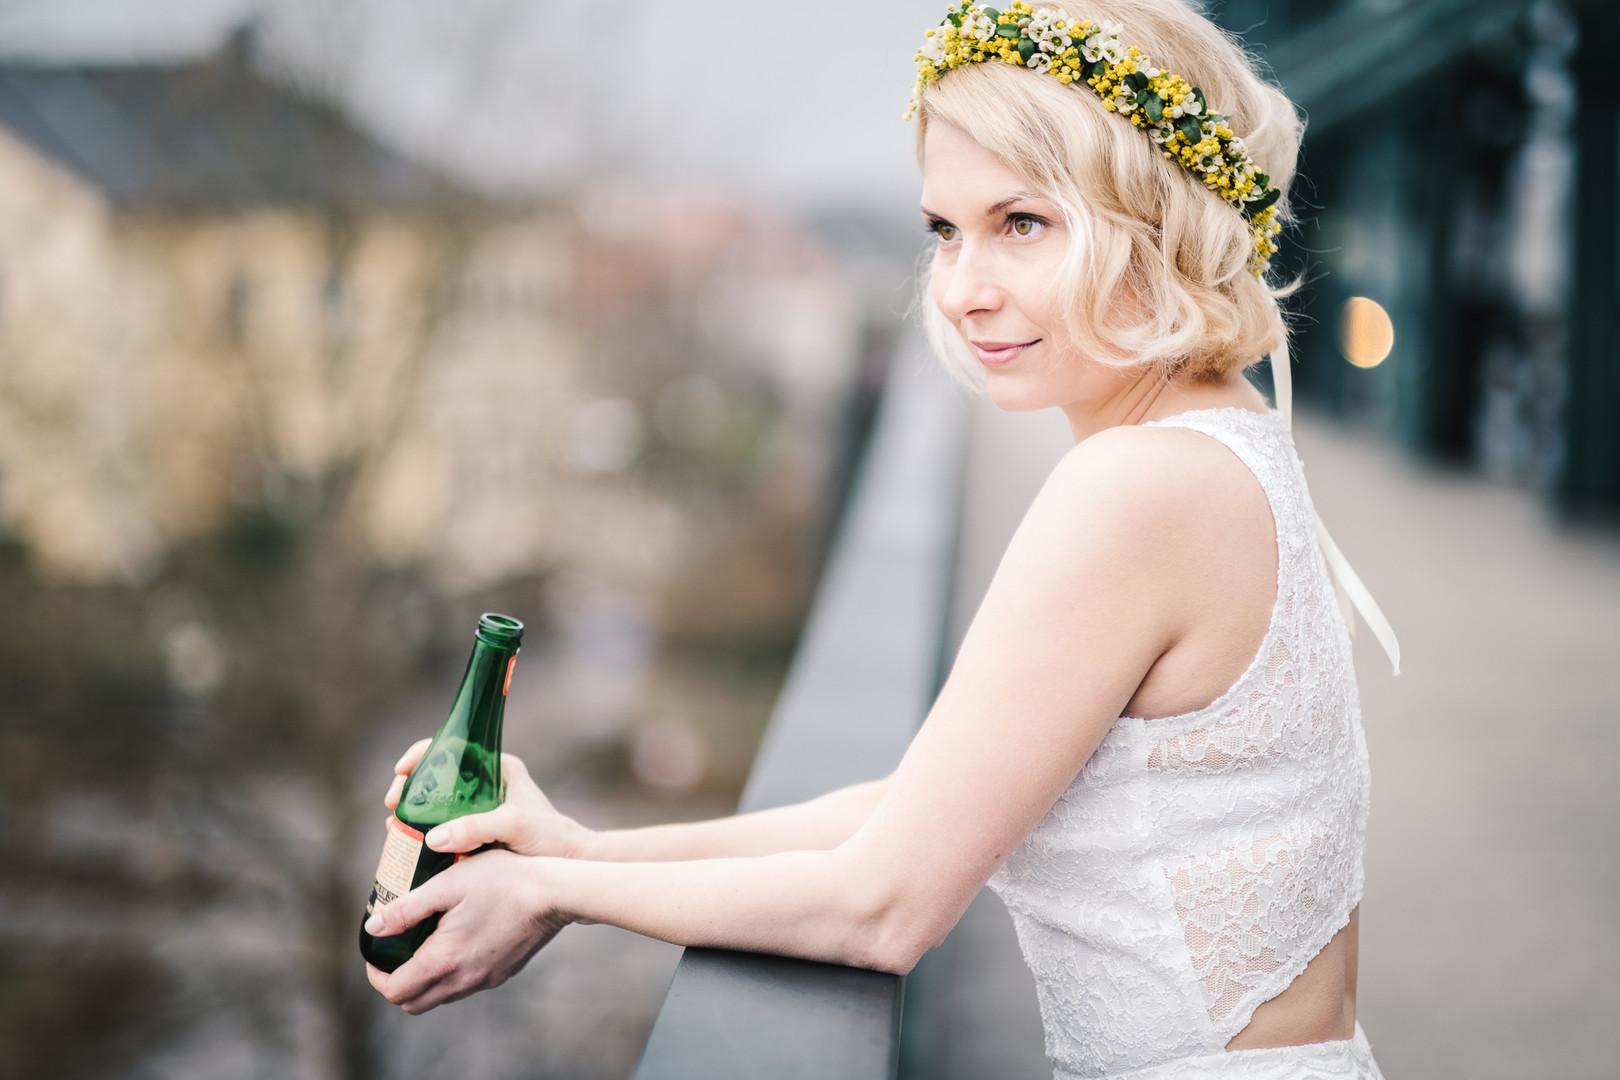 Hochzeitsfotograf Niederösterreich, St. Pölten, Wien, Klosterneuburg, Stockerau, Hollabrunn, brautkranz Blumen Kolb, Hochzeitsfotograf Tulln